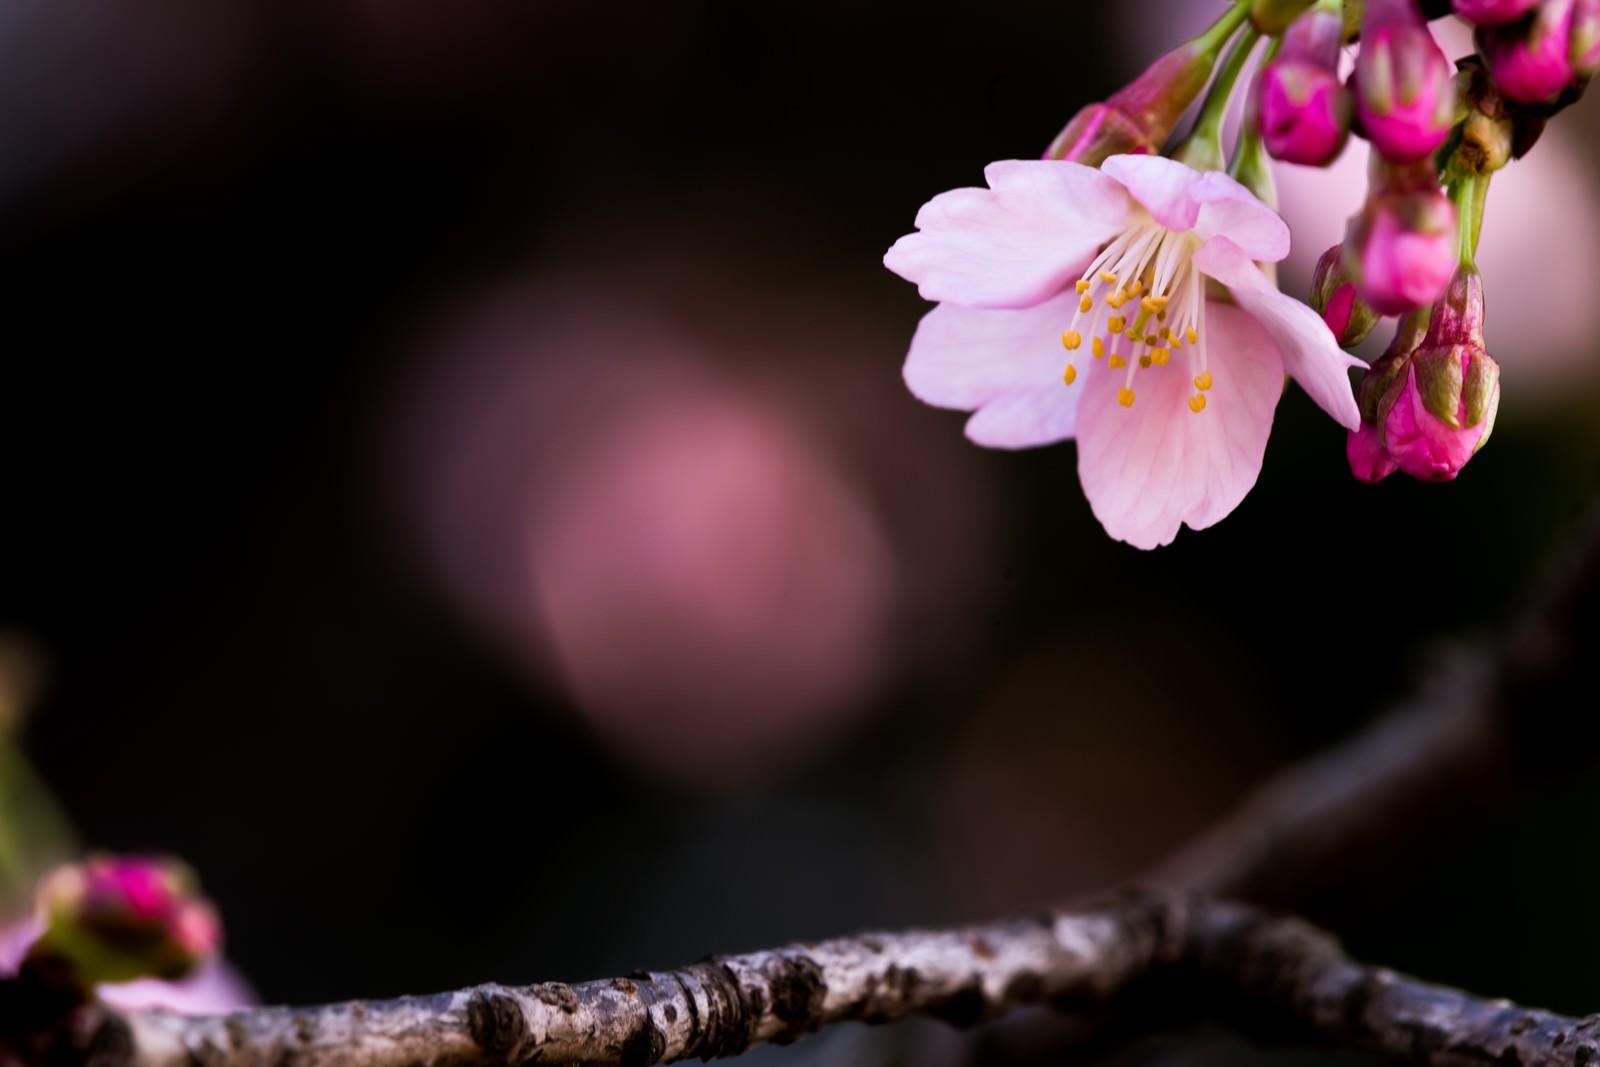 「大寒桜(オオカンザクラ)」の写真